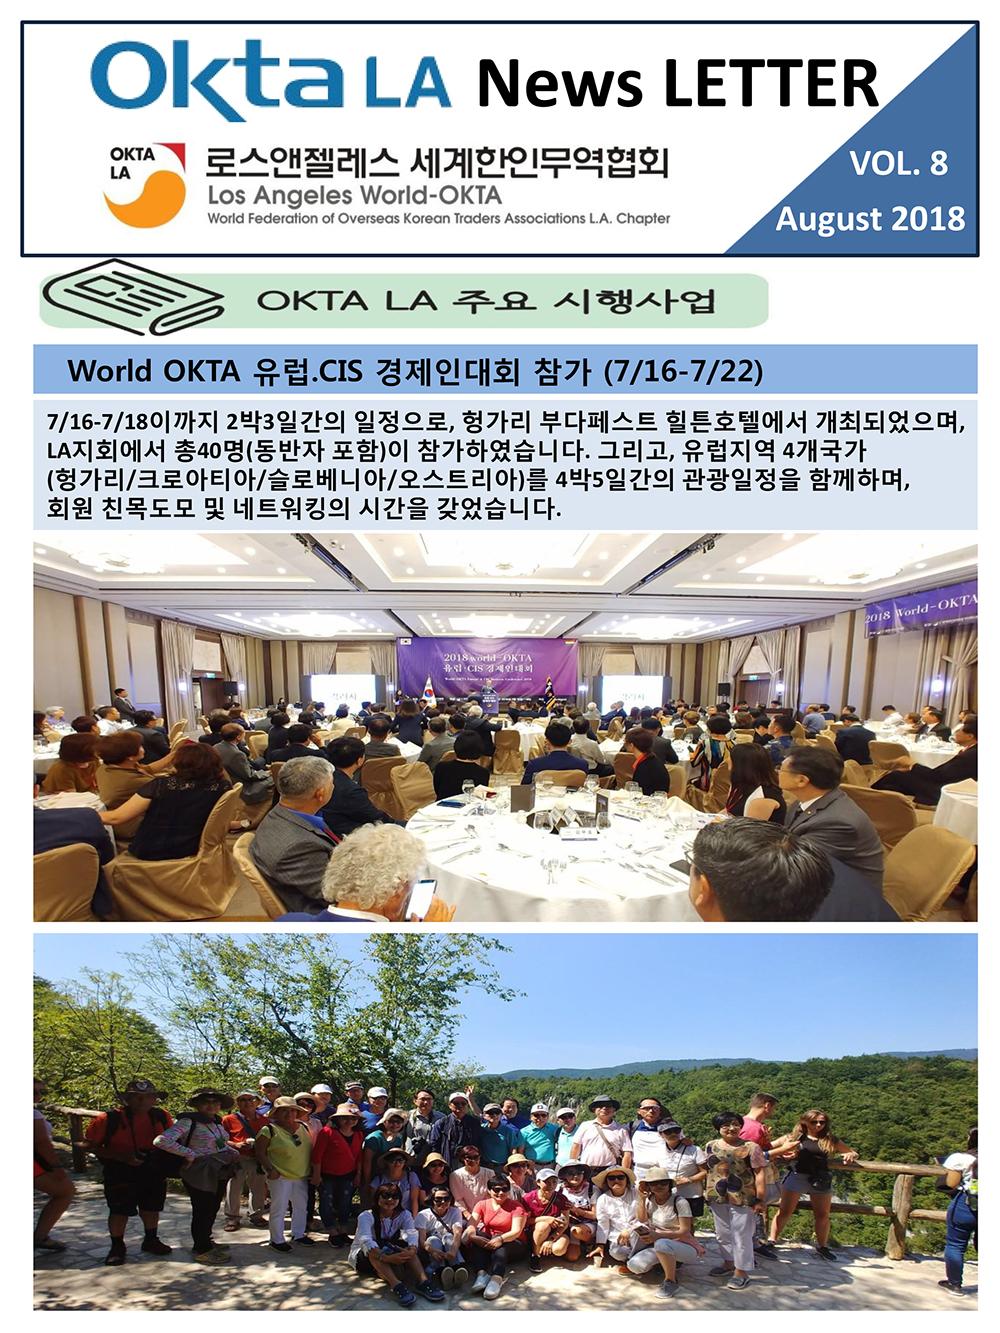 2018 OKTA LA 뉴스레터 <BR>8월호-VOL.8